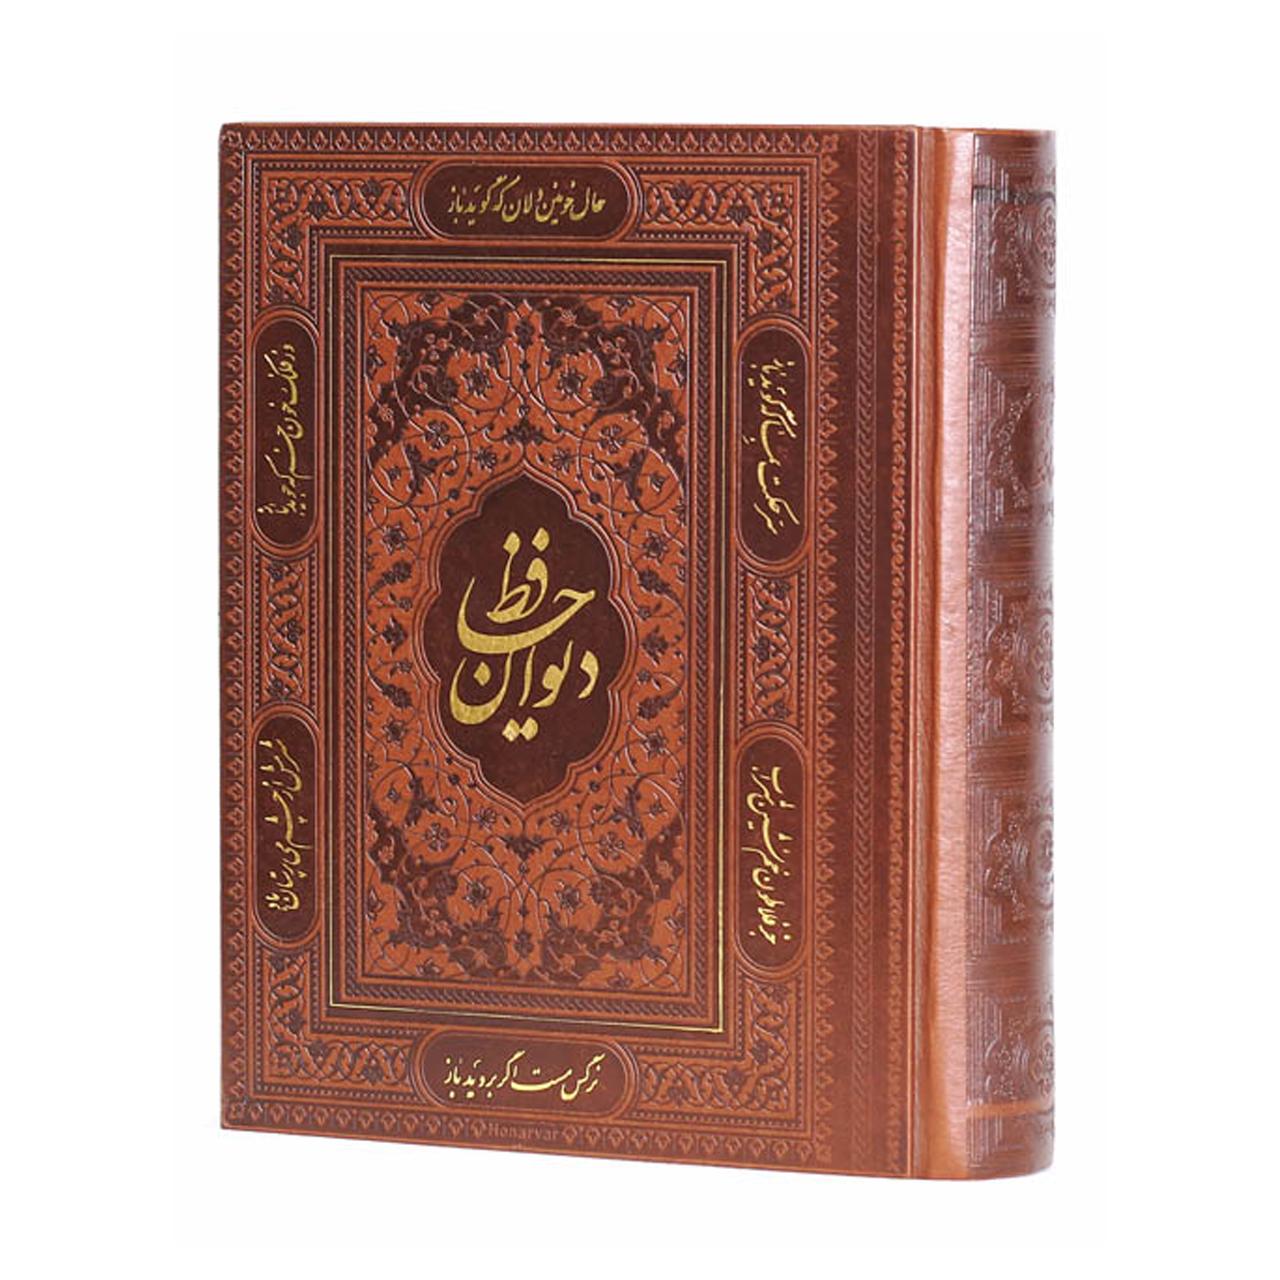 کتاب دیوان حافظ معطر اثر خواجه شمس الدین حافظ شیرازی